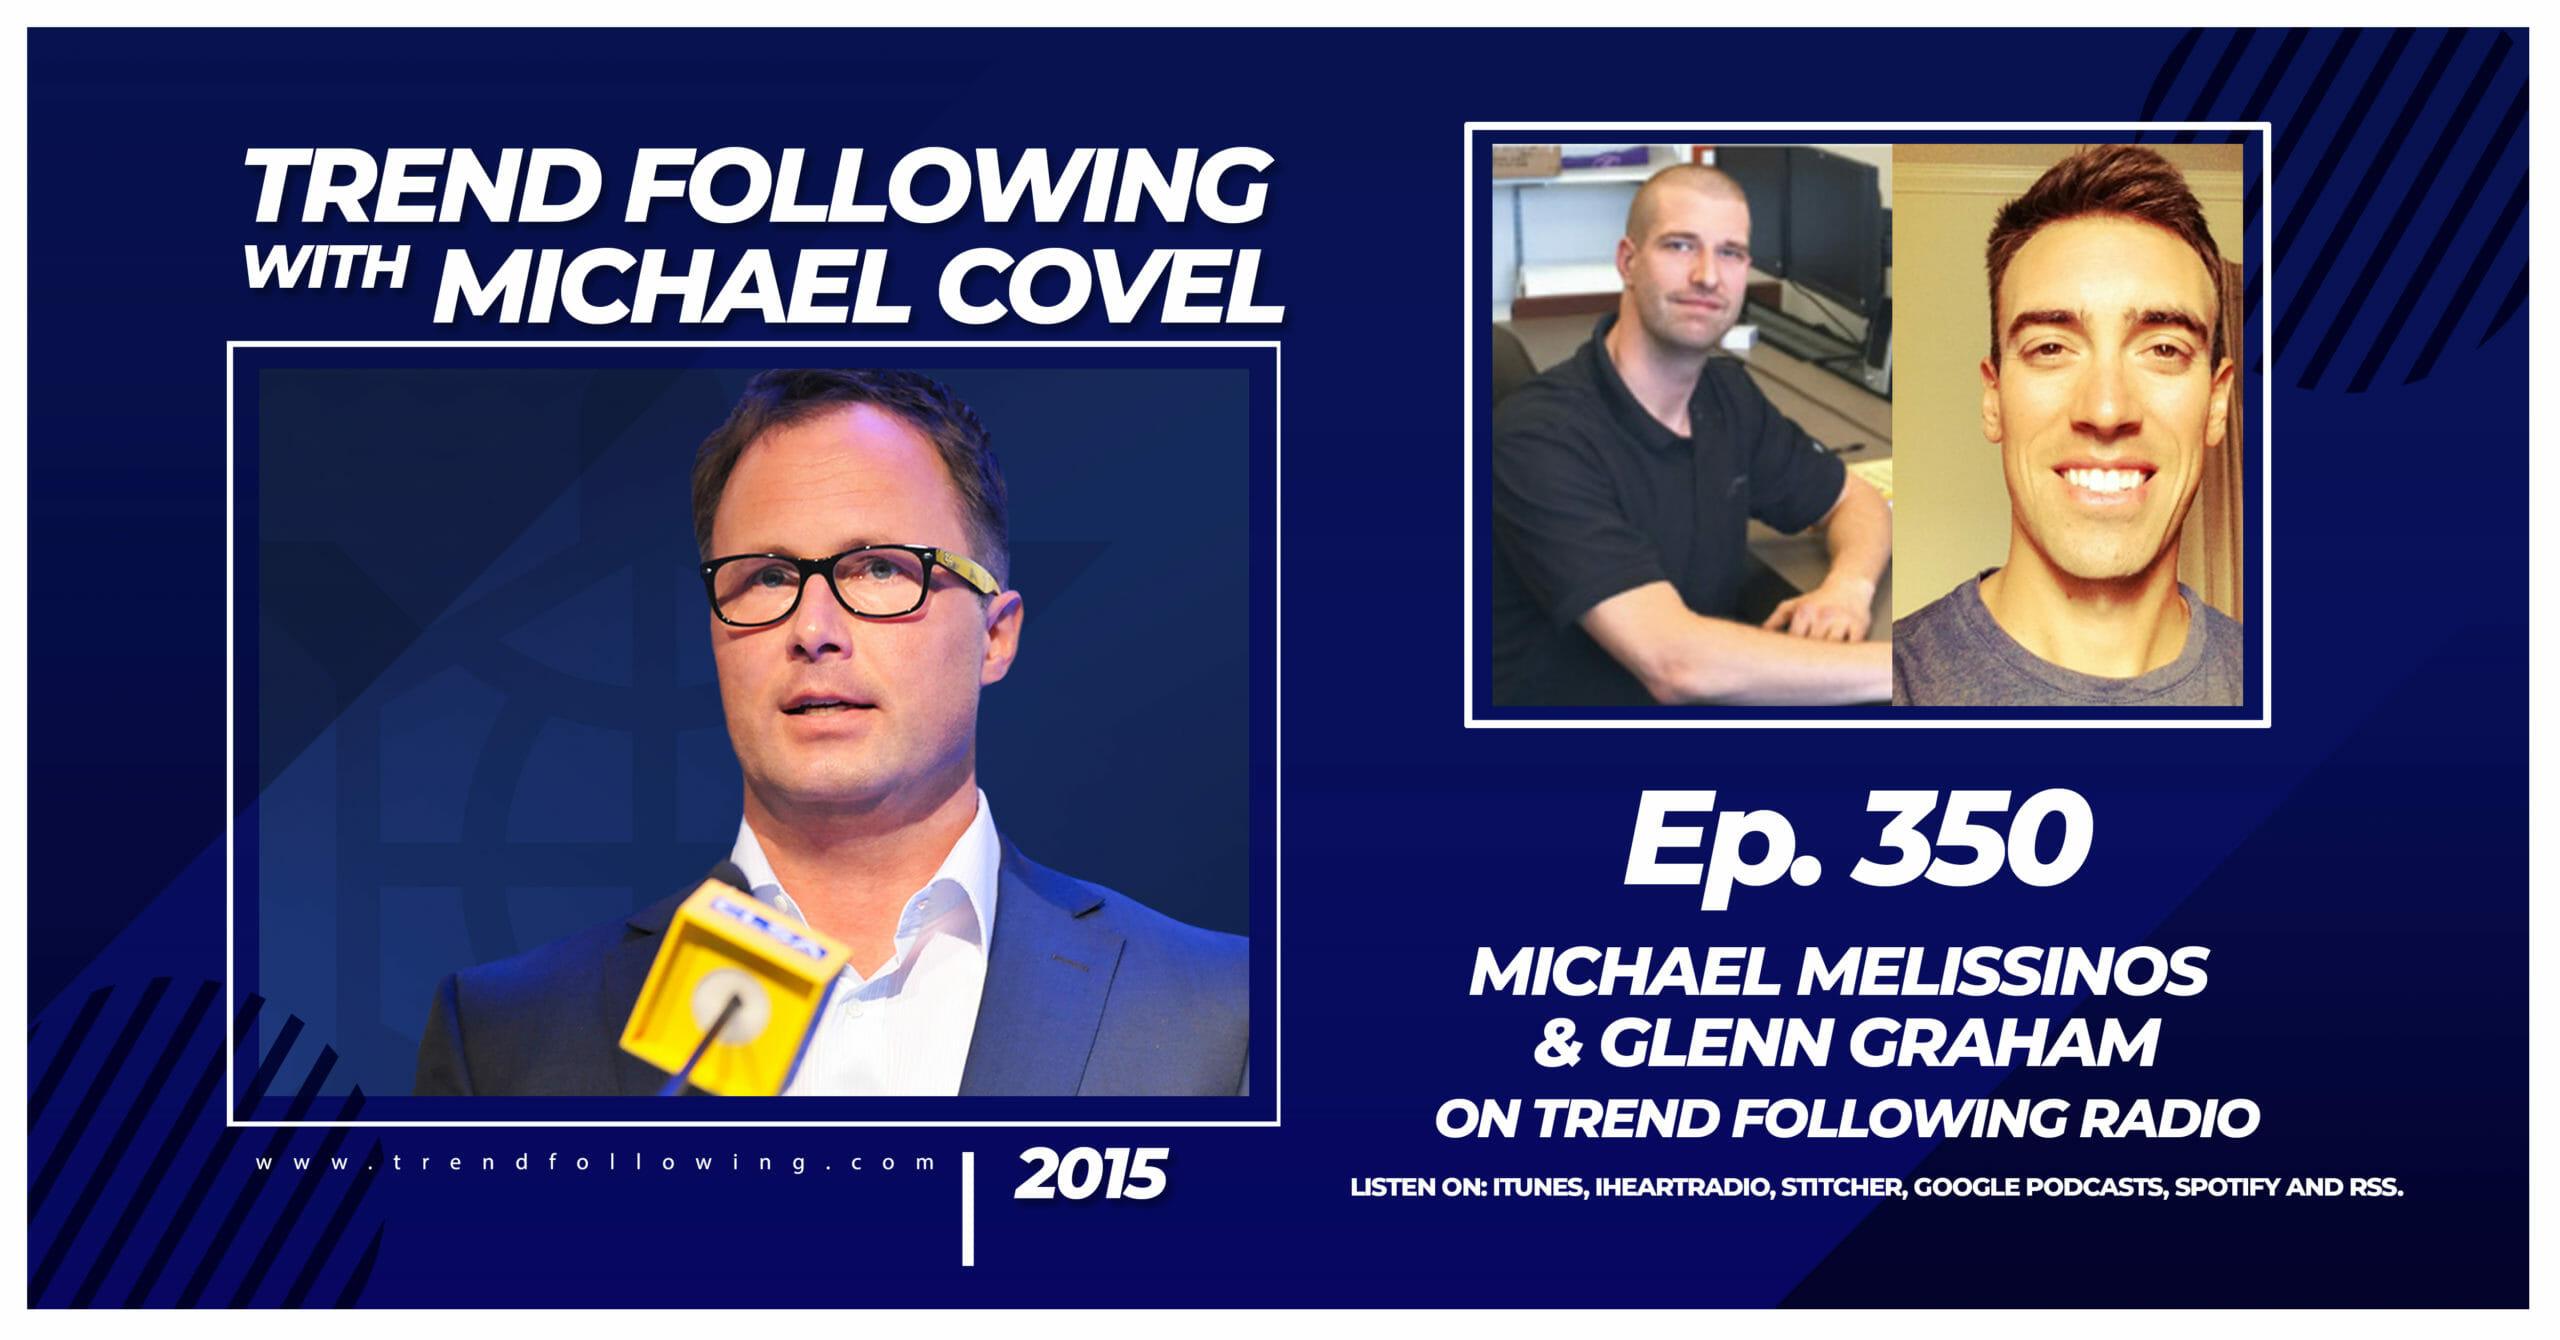 Michael Melissinos & Glenn Graham